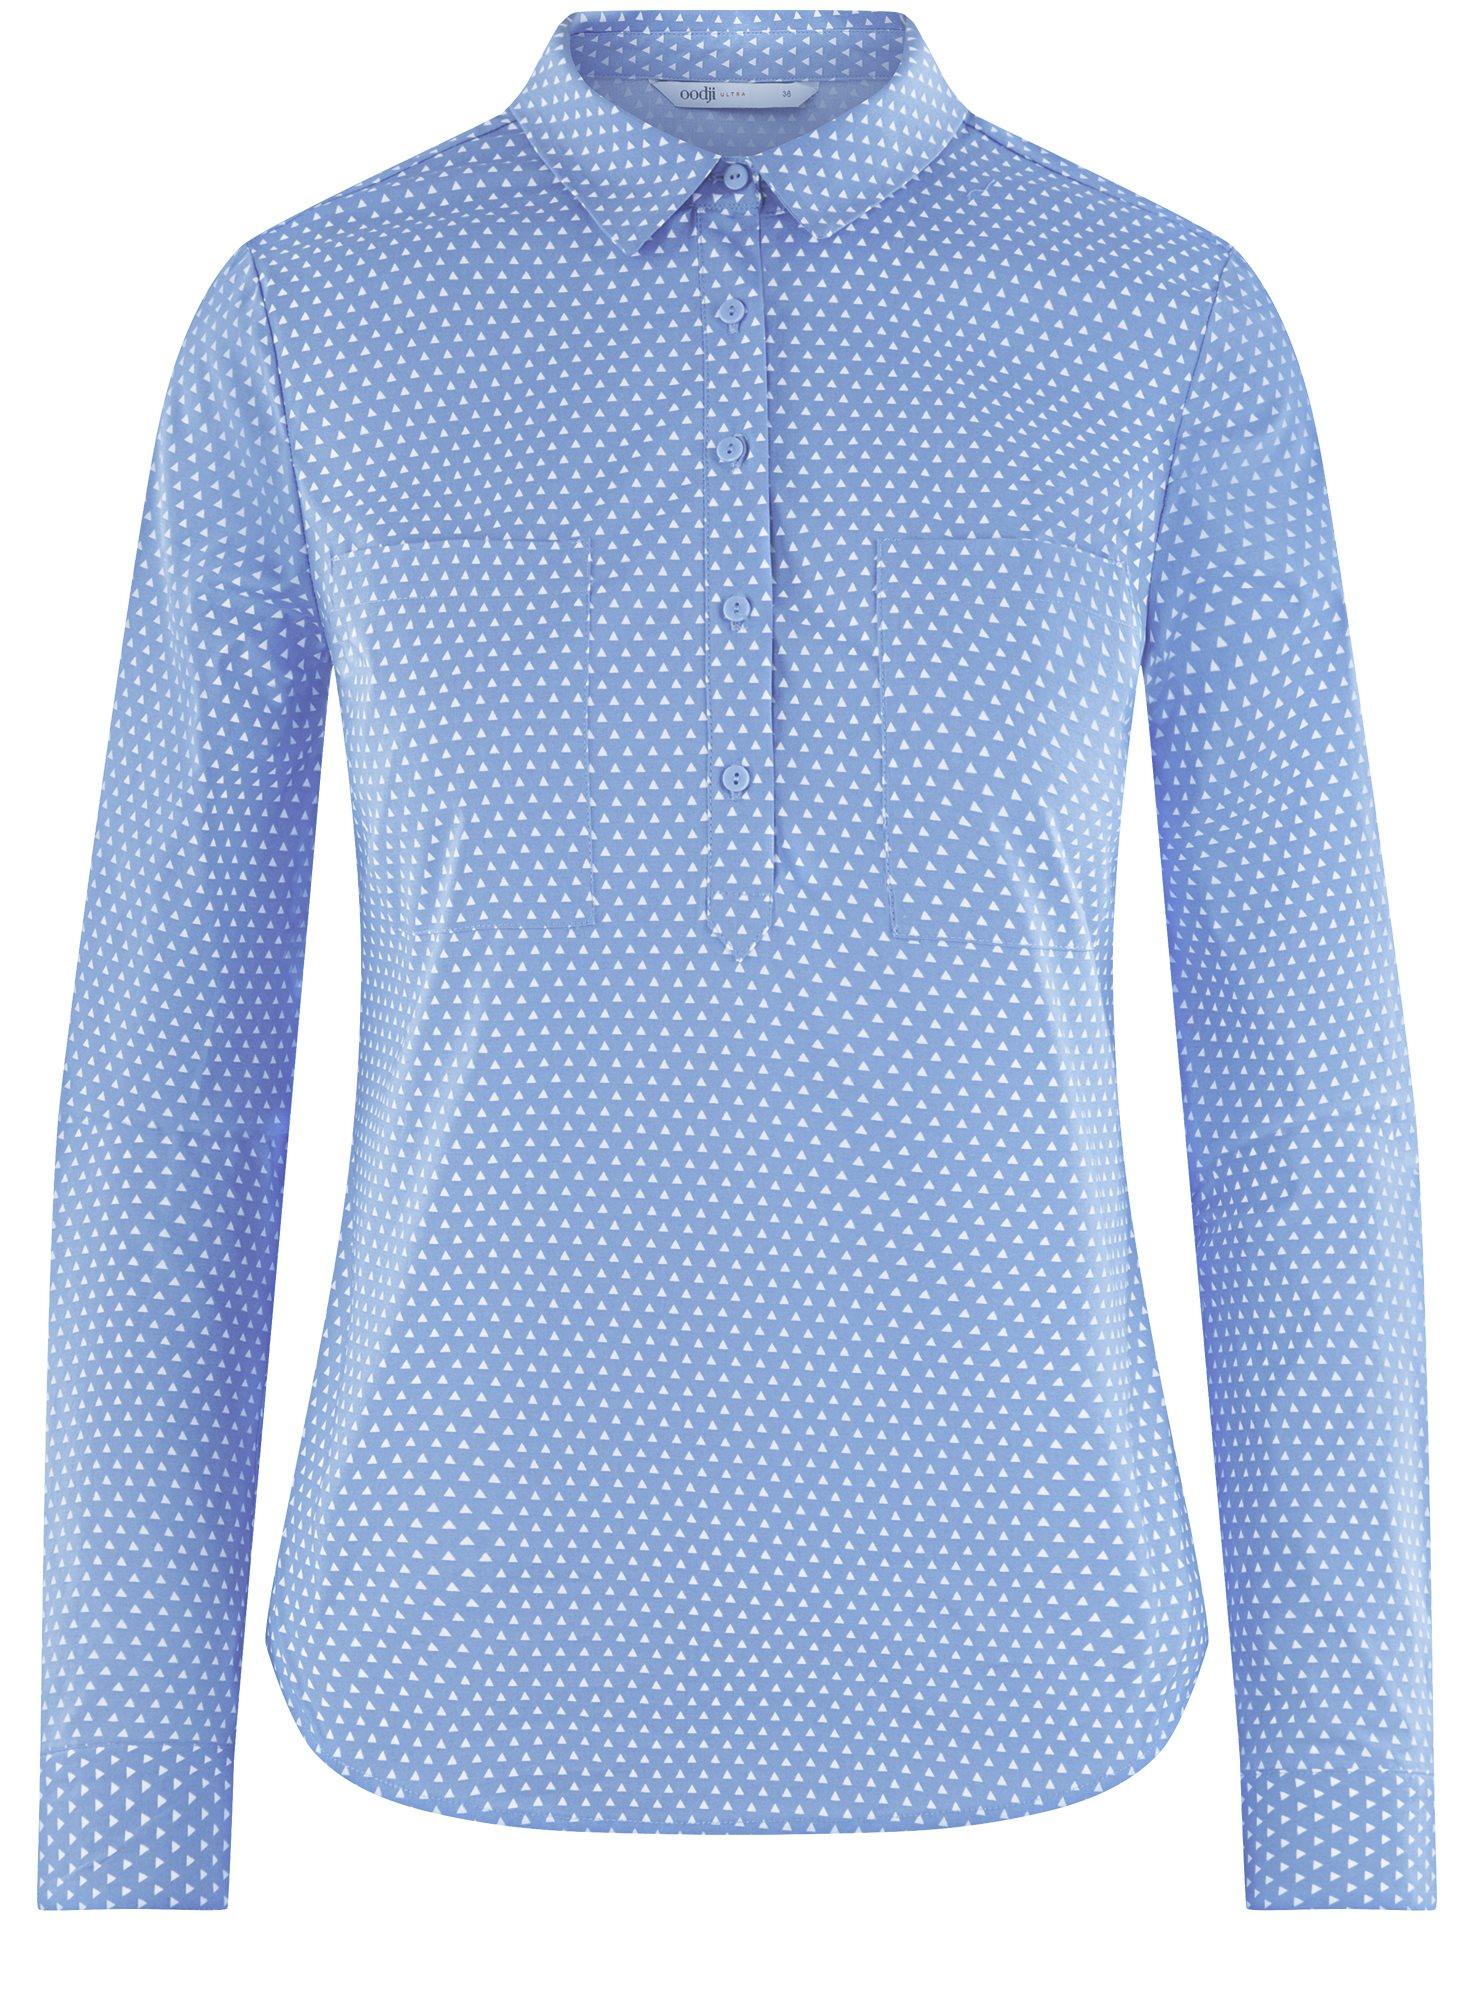 Рубашка базовая с нагрудными карманами oodji для женщины (синий), 11403222B/42468/7510G